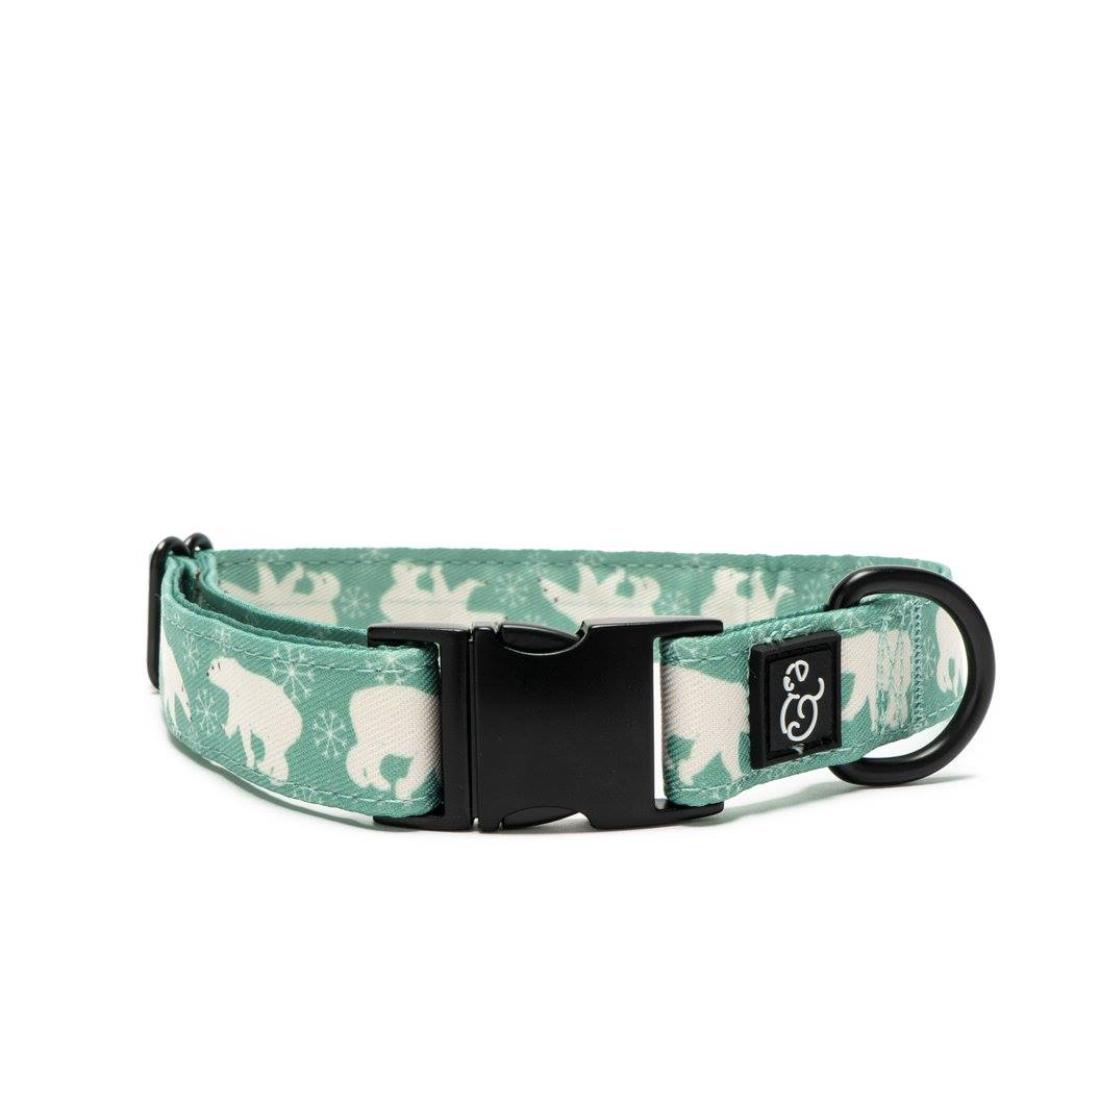 Lucy & Co. The Polar Bear Parade Dog  Collar